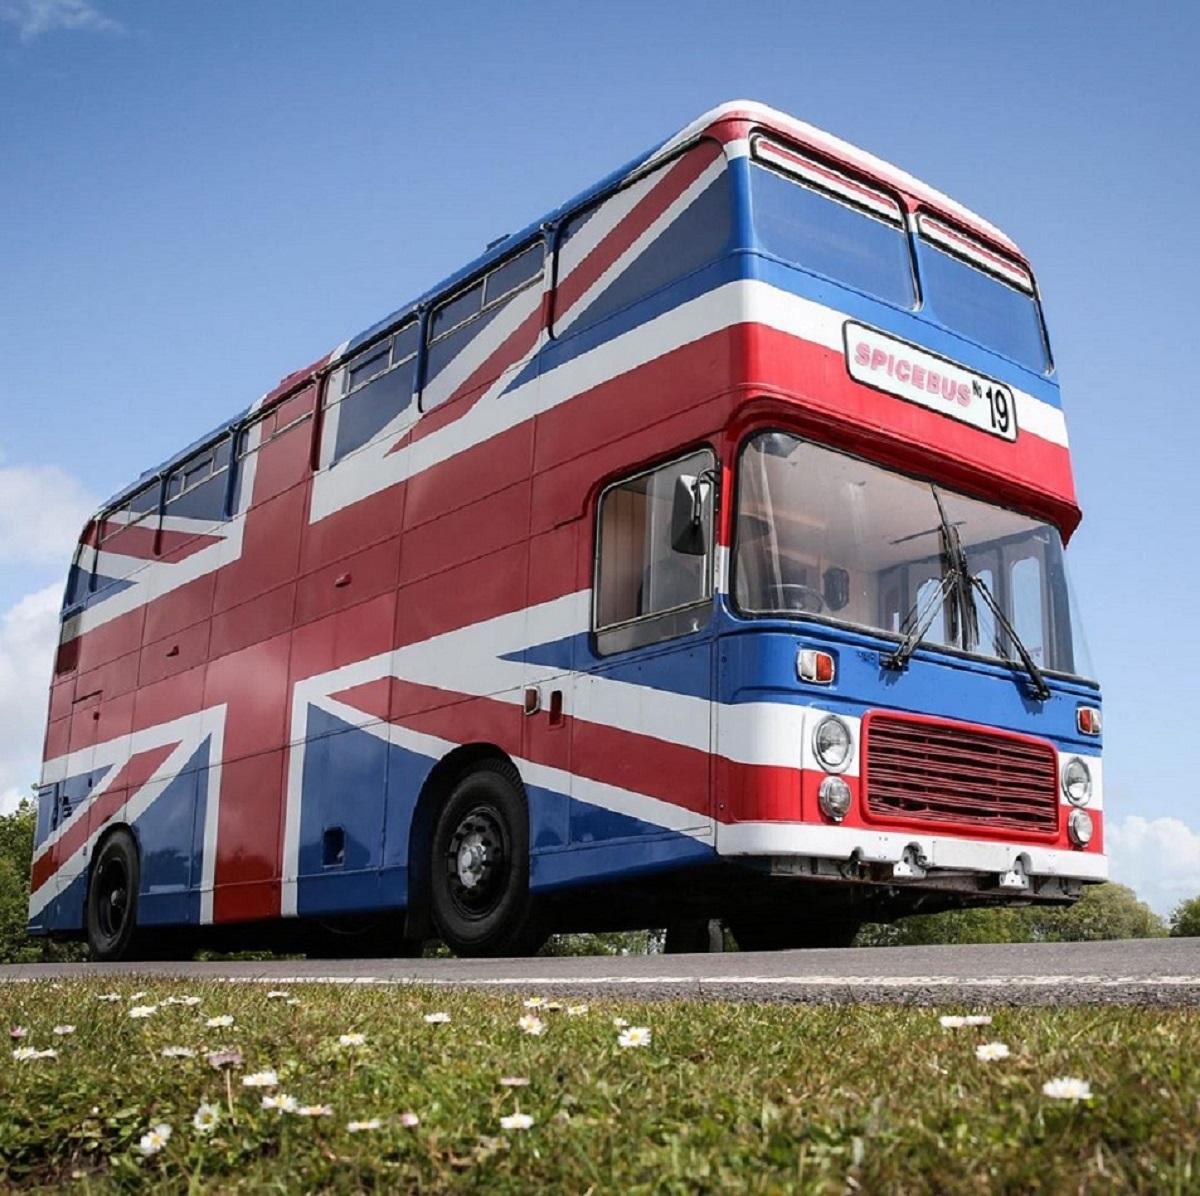 spice bus dormire nel bus delle spice girls